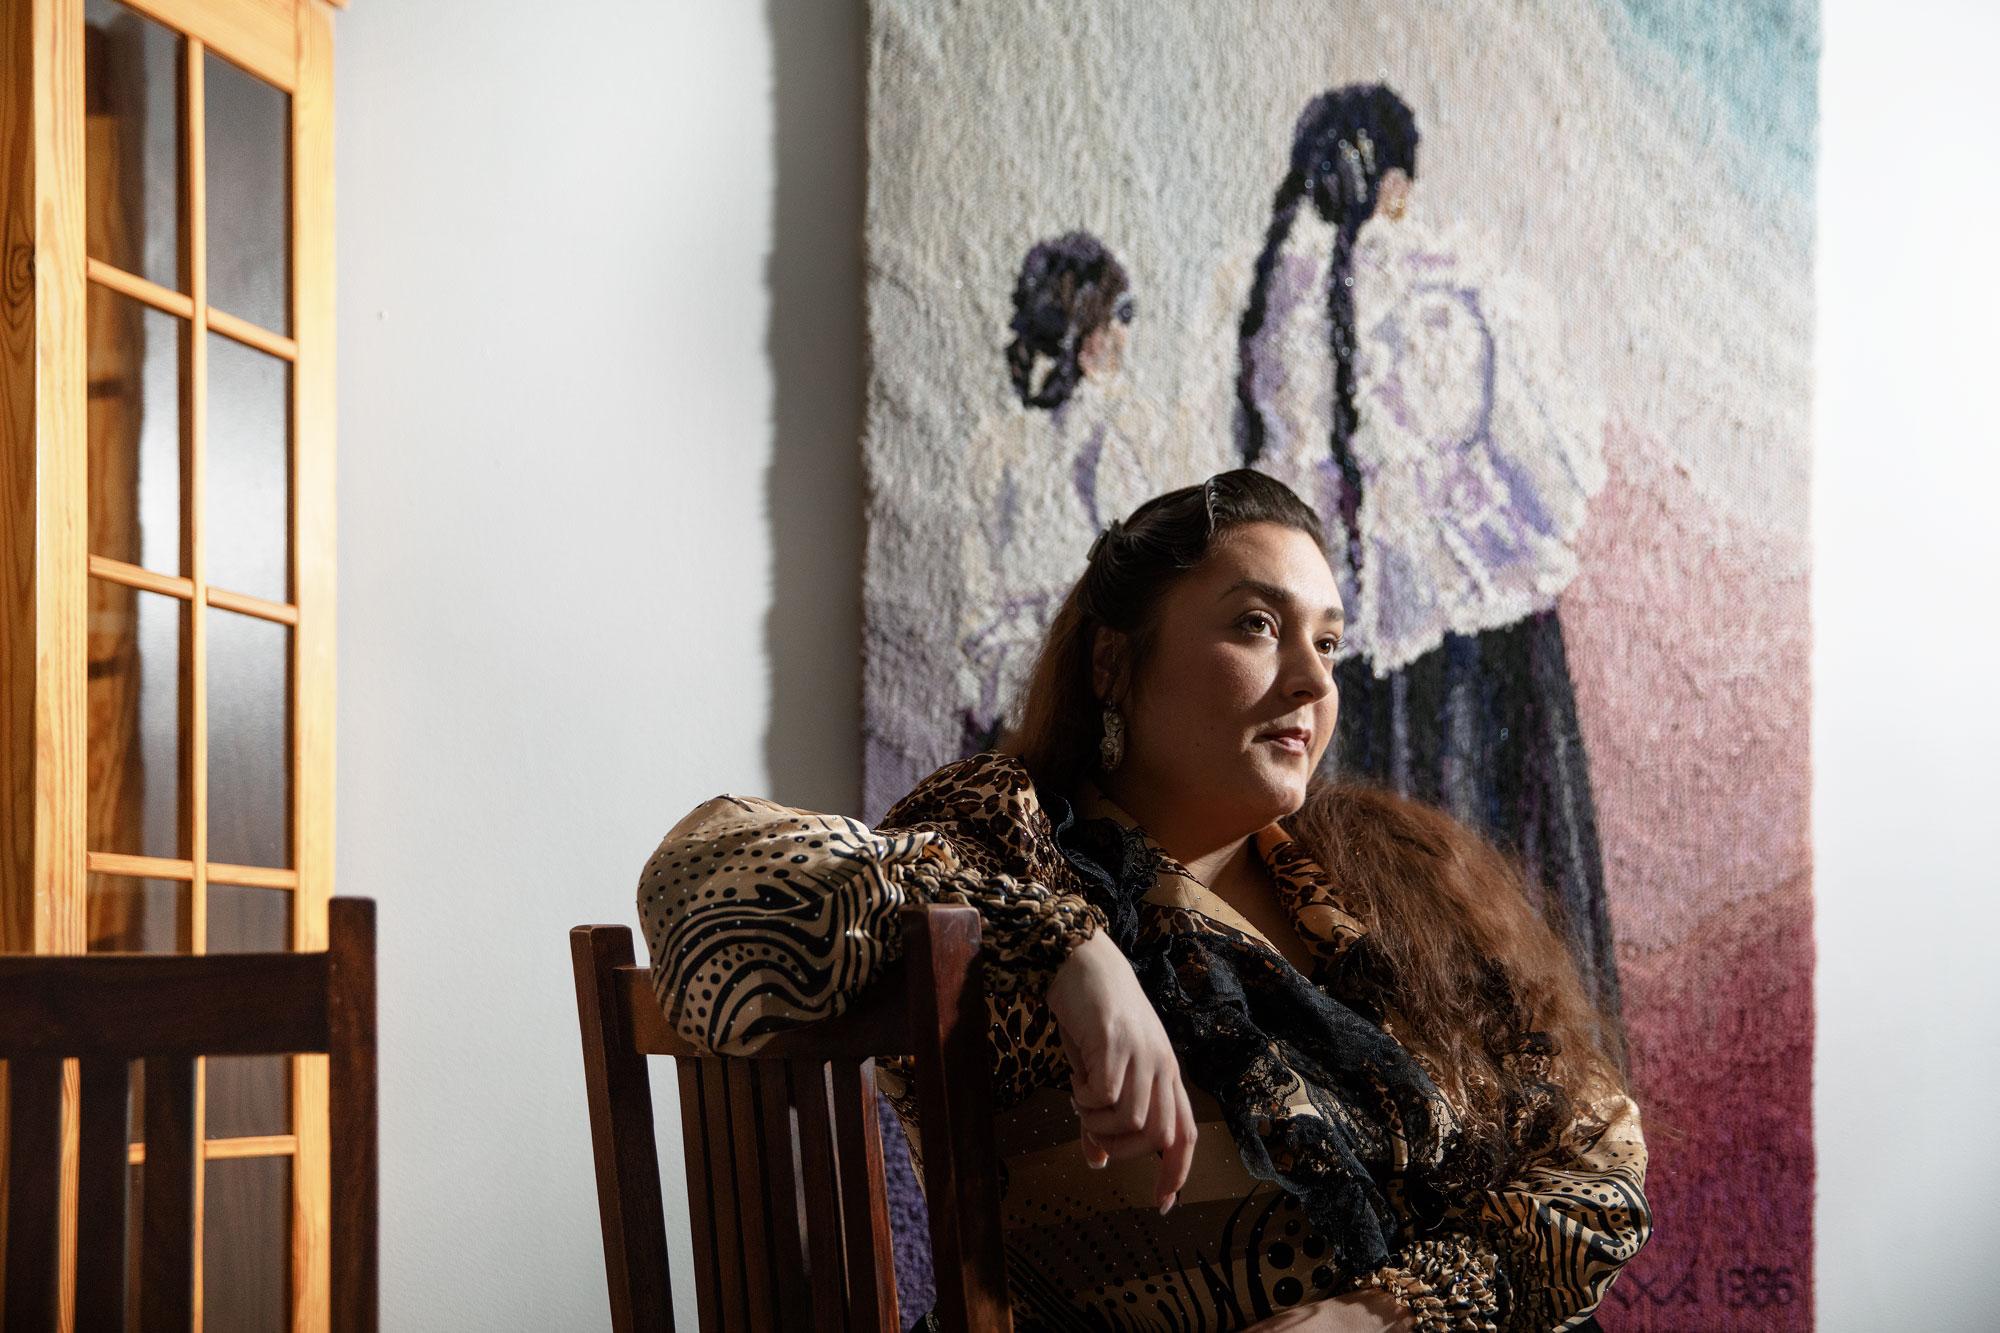 Puolikuva naisesta istumassa tuolilla. Taustalla värikäs ryiijy